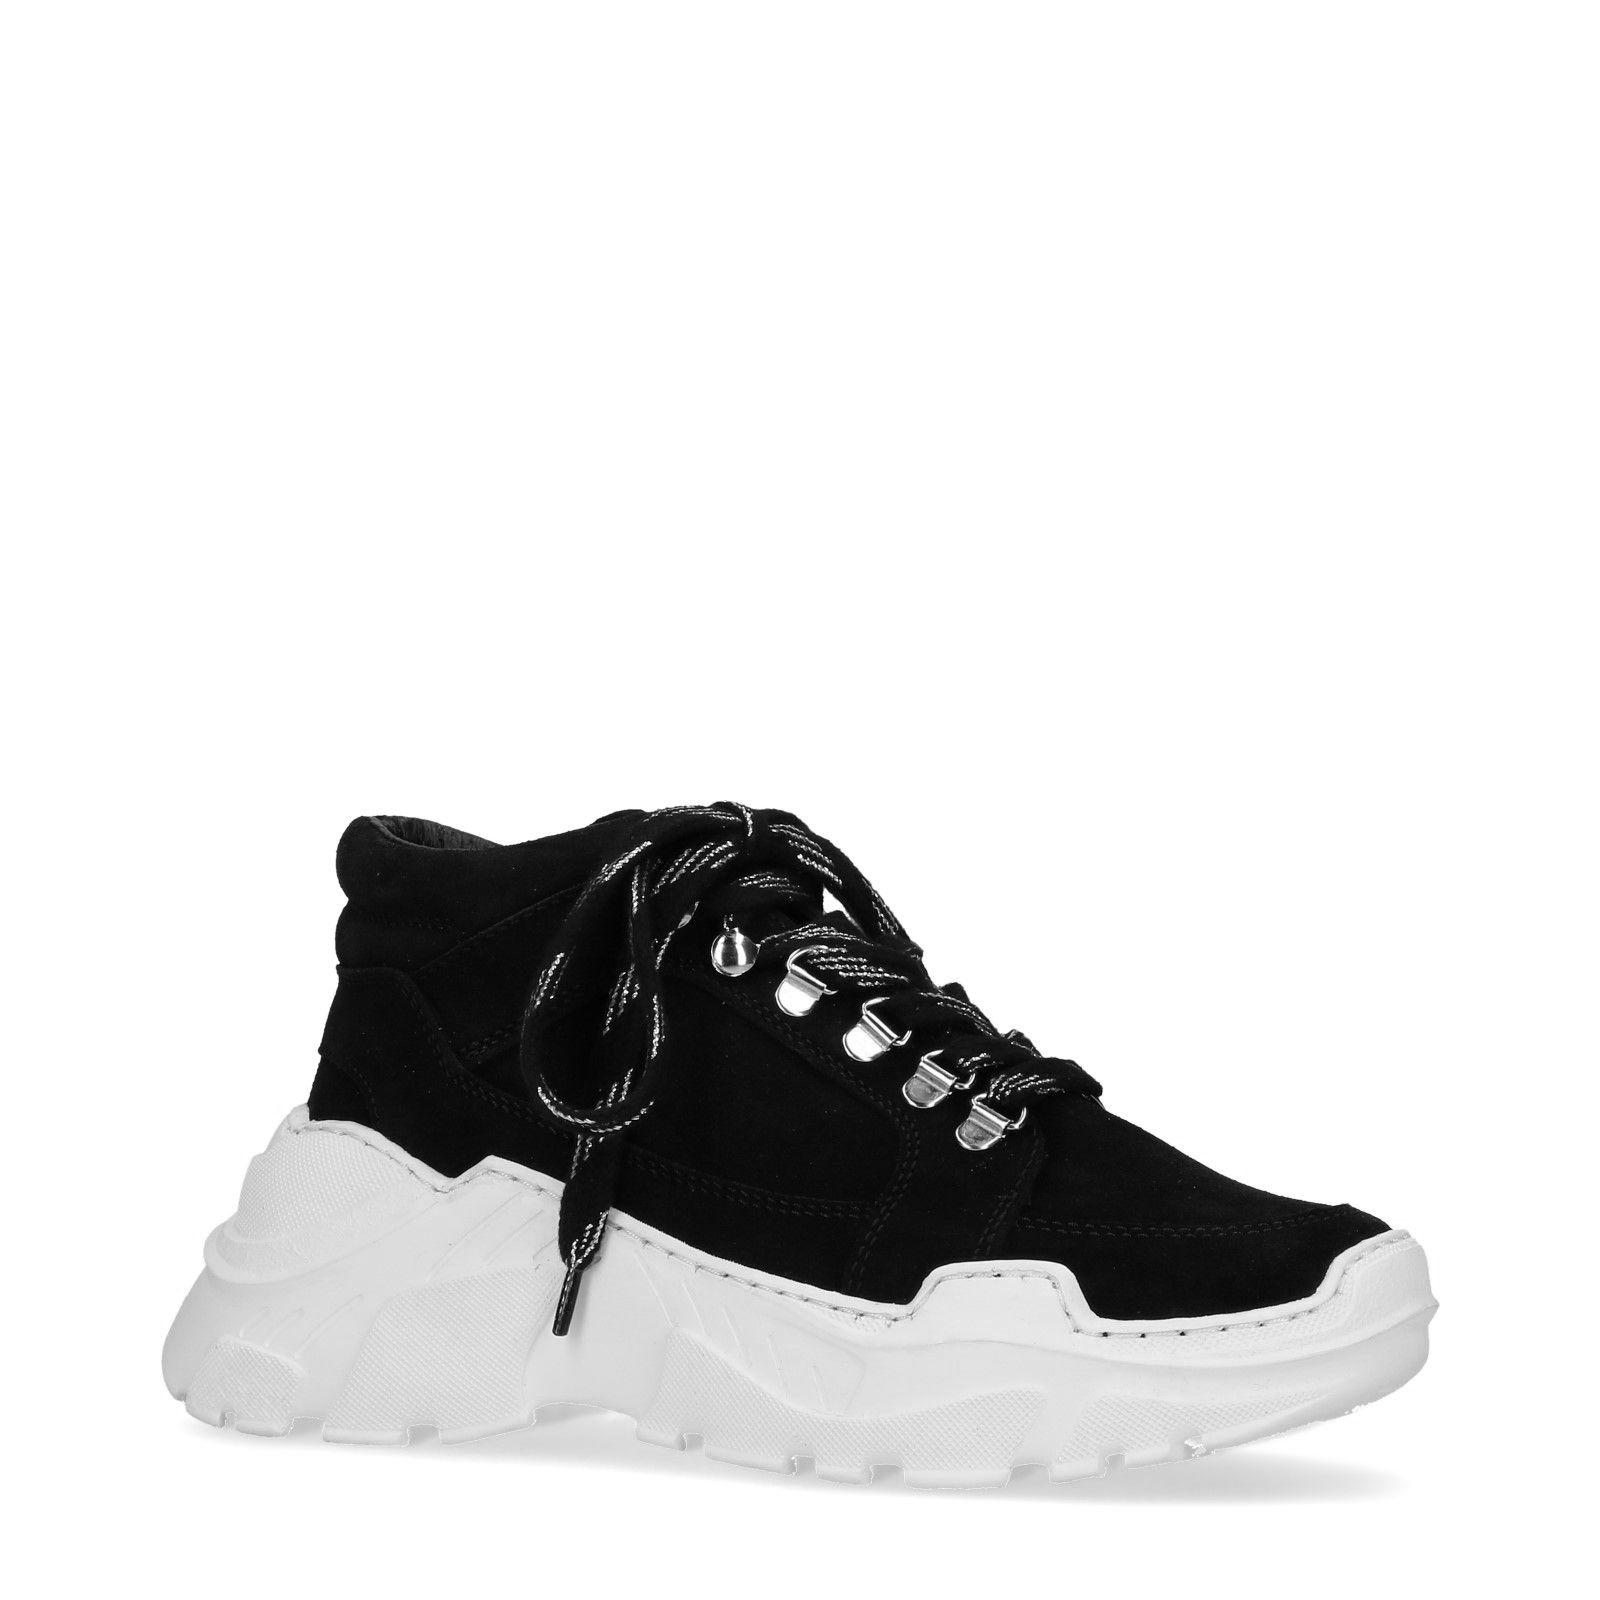 Met Sneakers Damesschoenen Dad Zool Zwarte Witte z8ZYxE